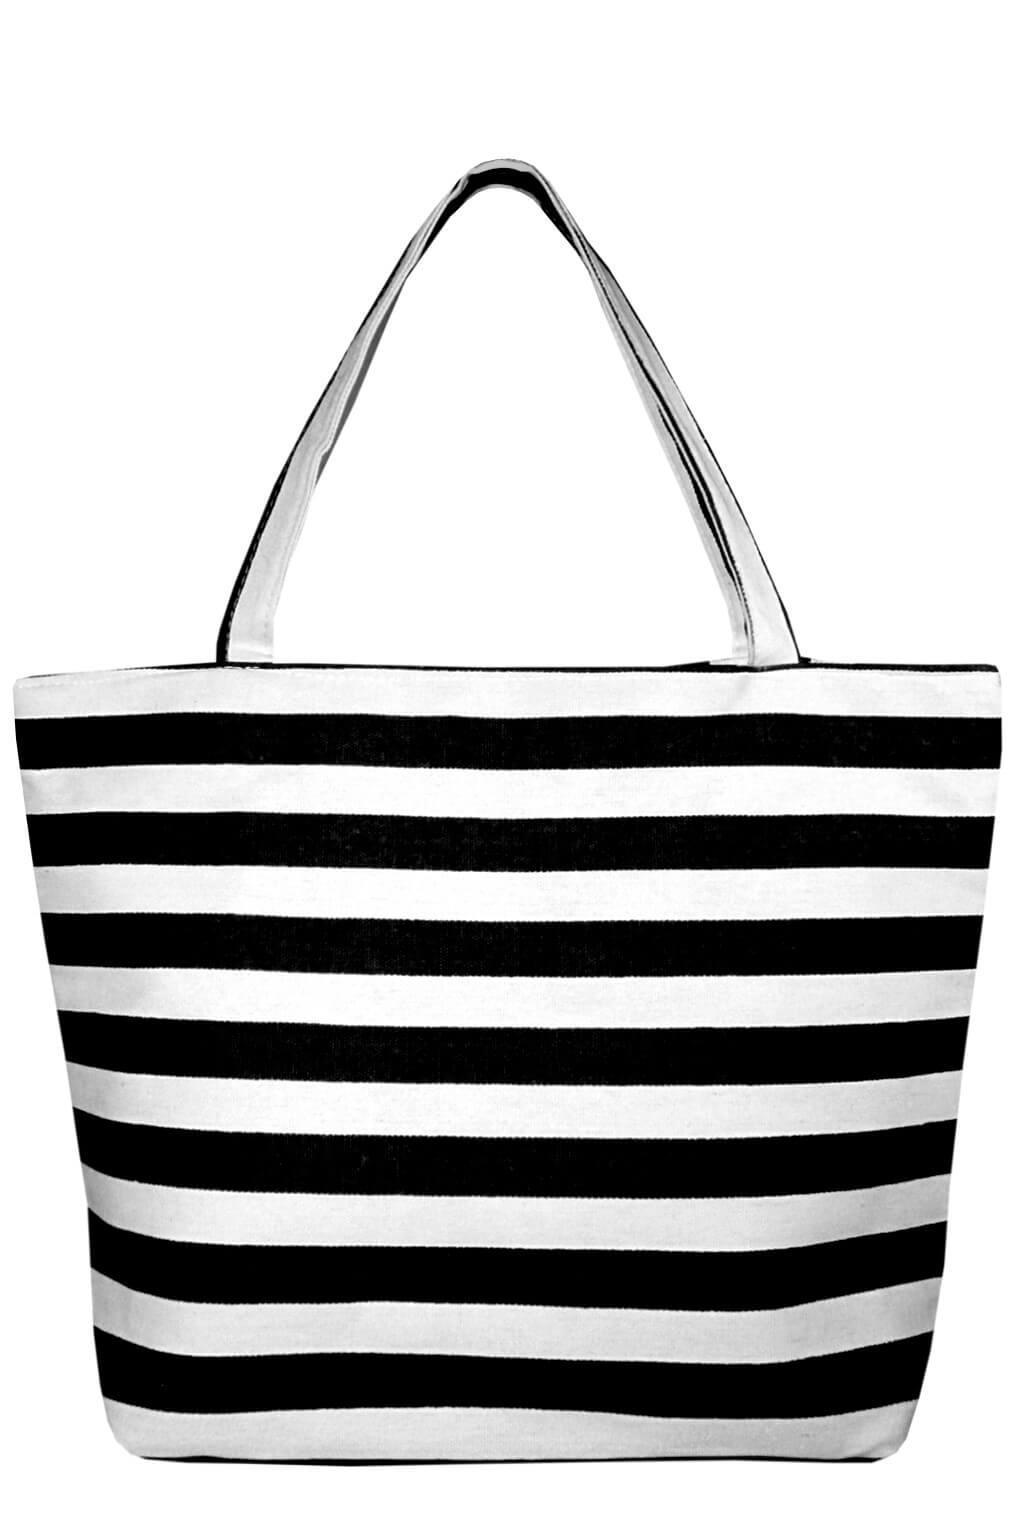 fdb7ccbc94 Benzi taška na pláž černá